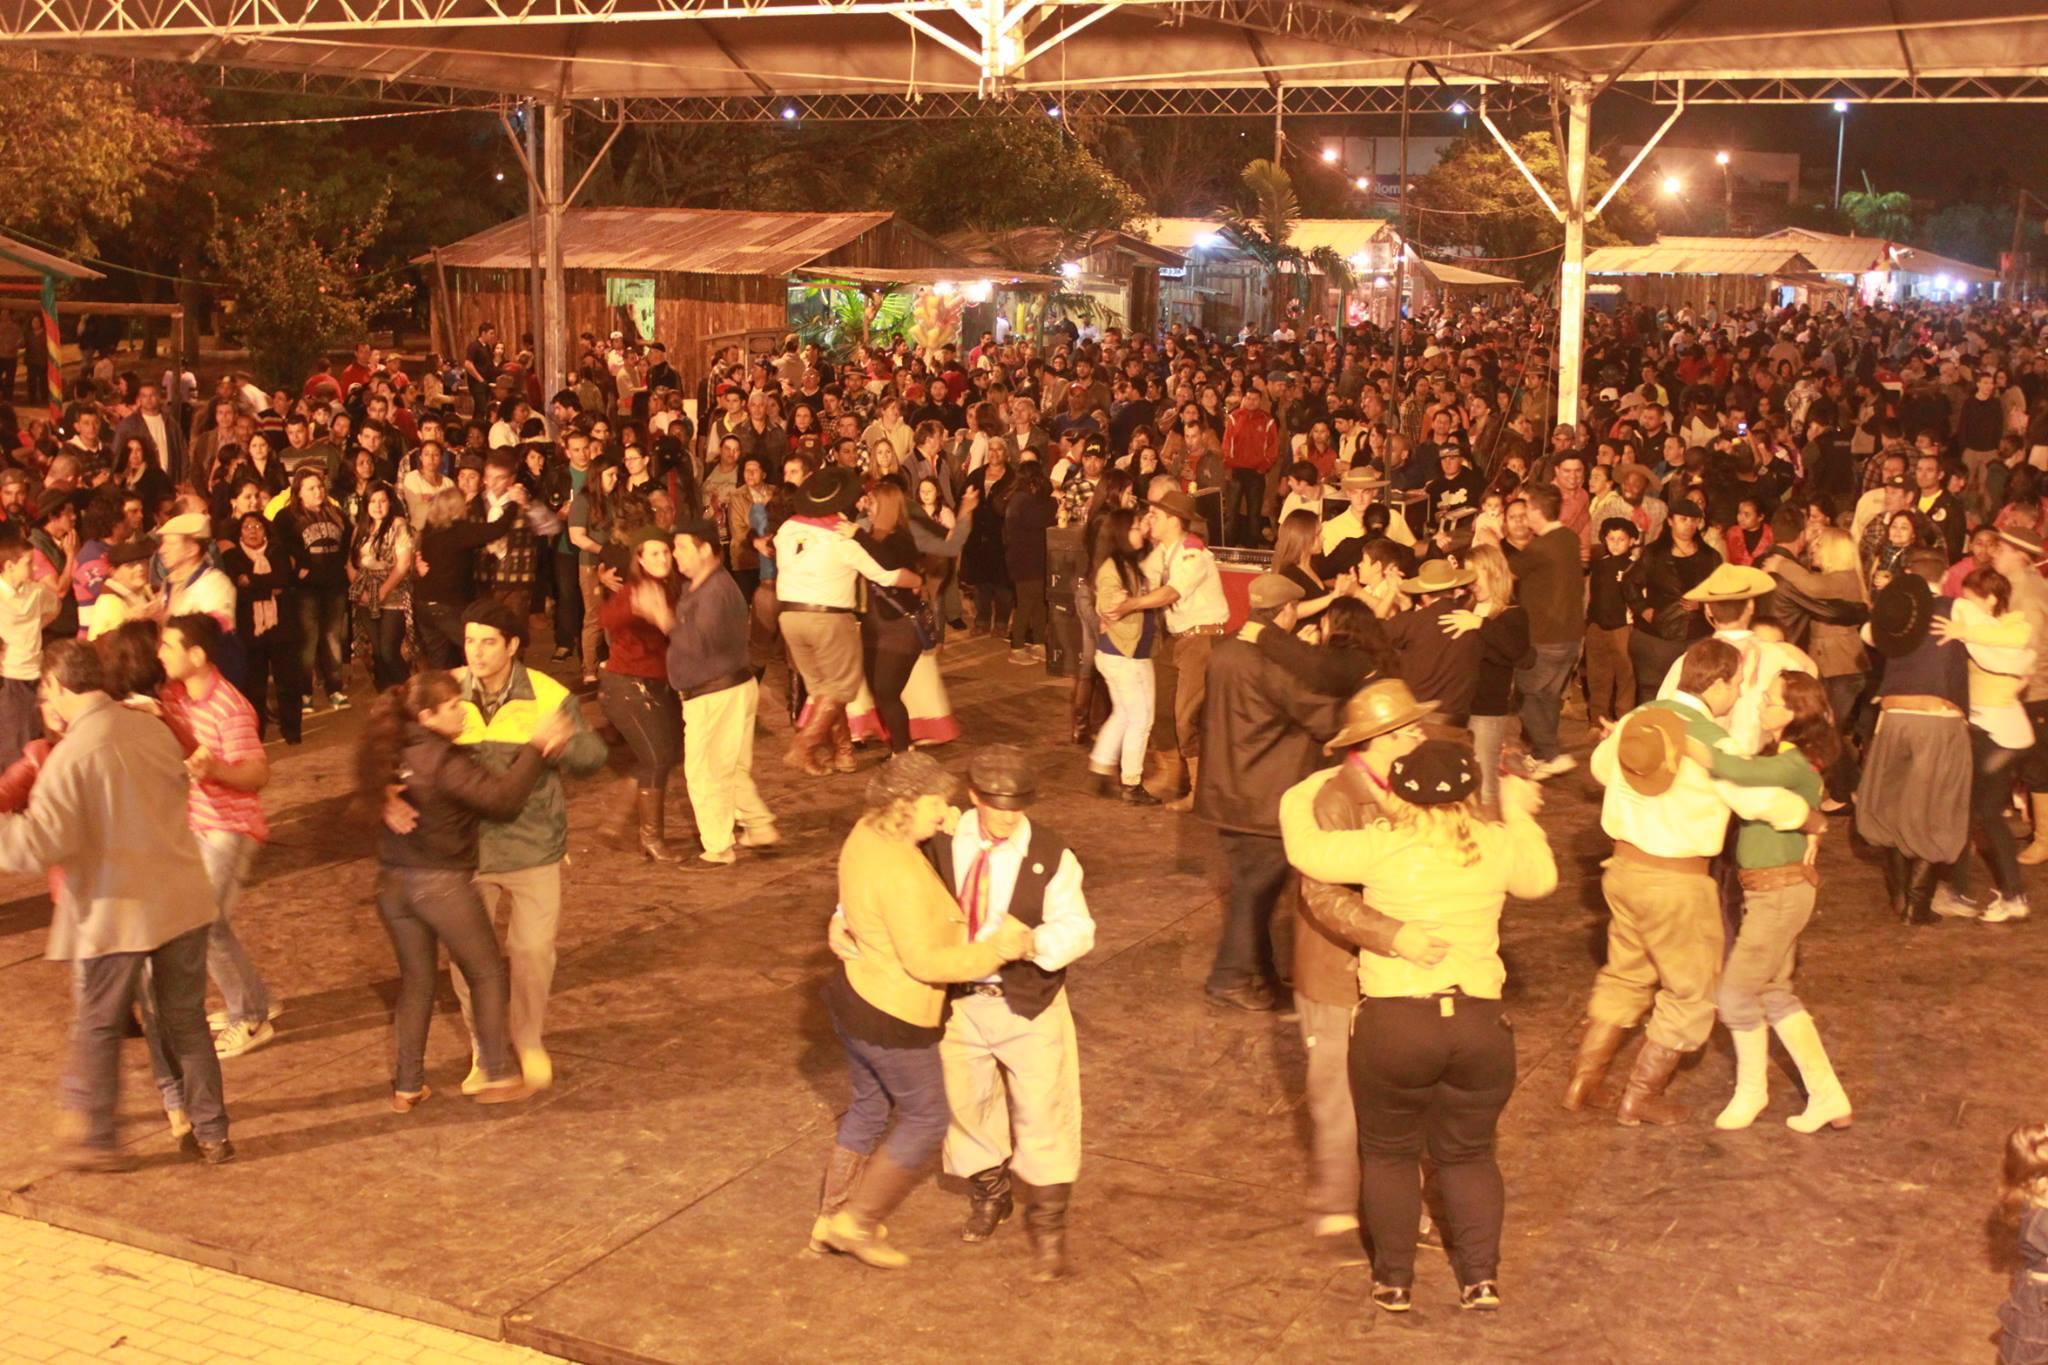 Resultado de imagem para Acampamento Farroupilha de Porto Alegre shows